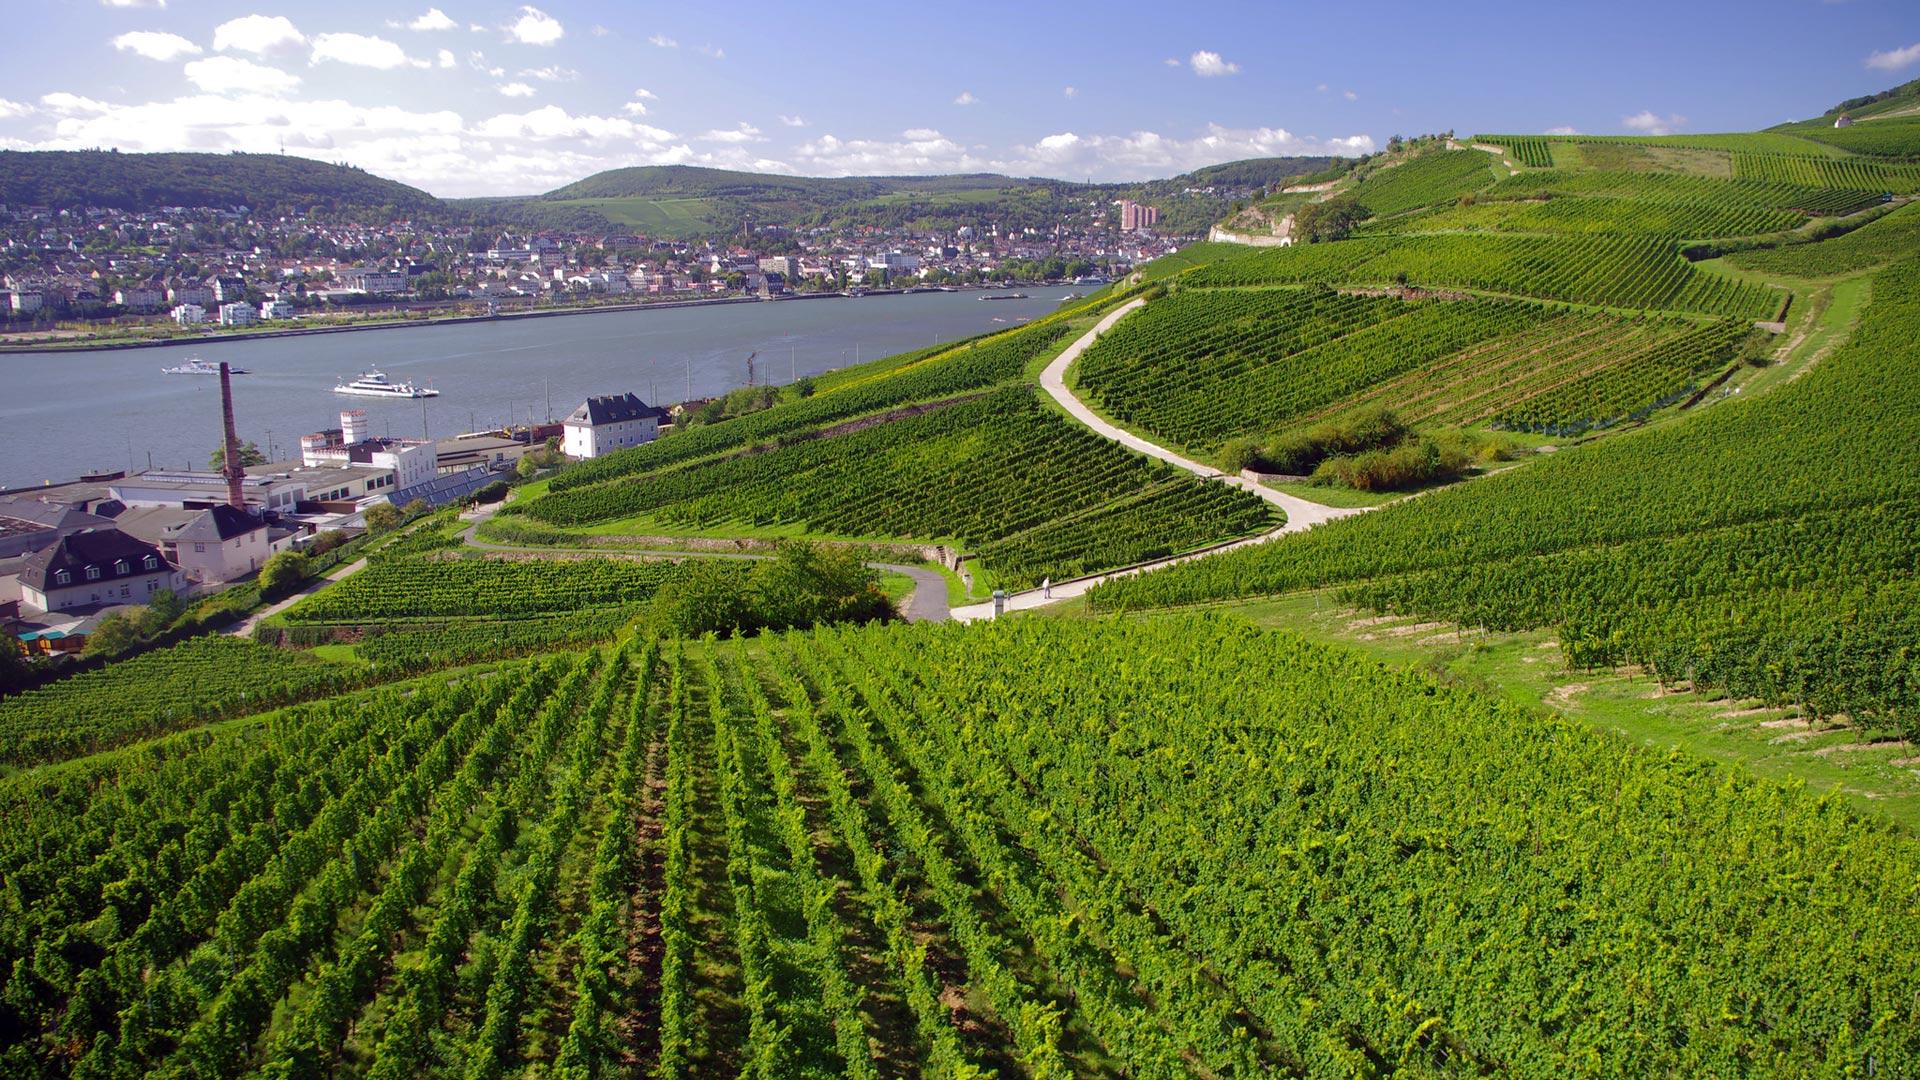 Uitzicht over Bingen, Rüdesheim en de Rijn. © Reinhard Pantke - SE-Tours